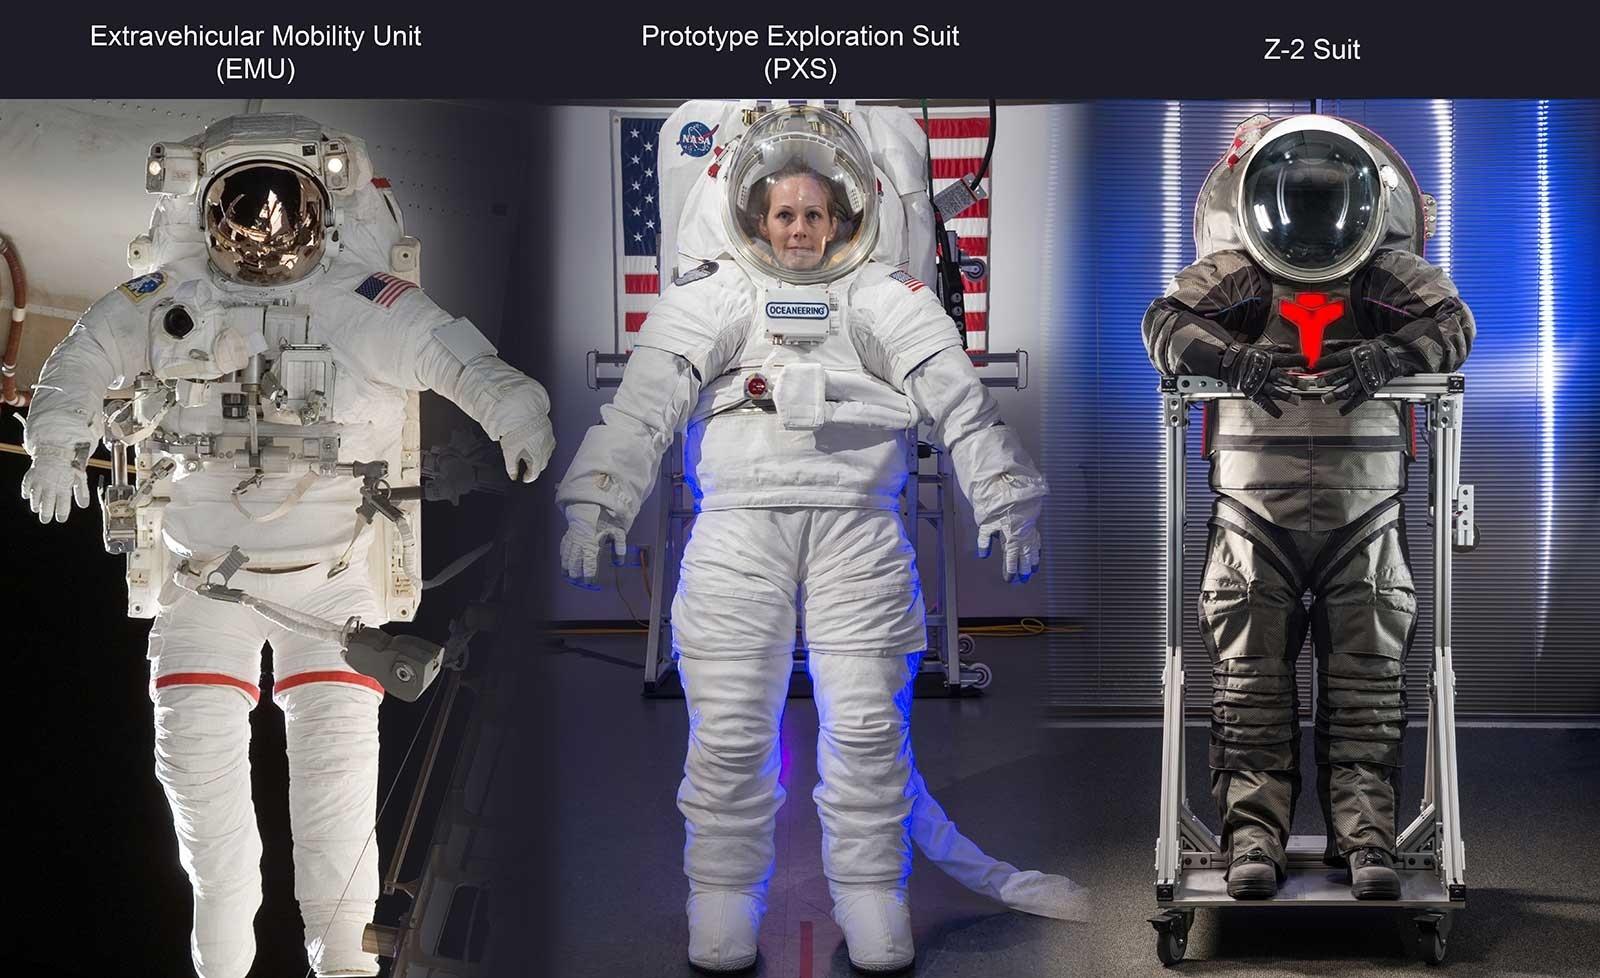 لباسهای فضانوردی جدید ناسا، مجهز به توالت اورژانسی